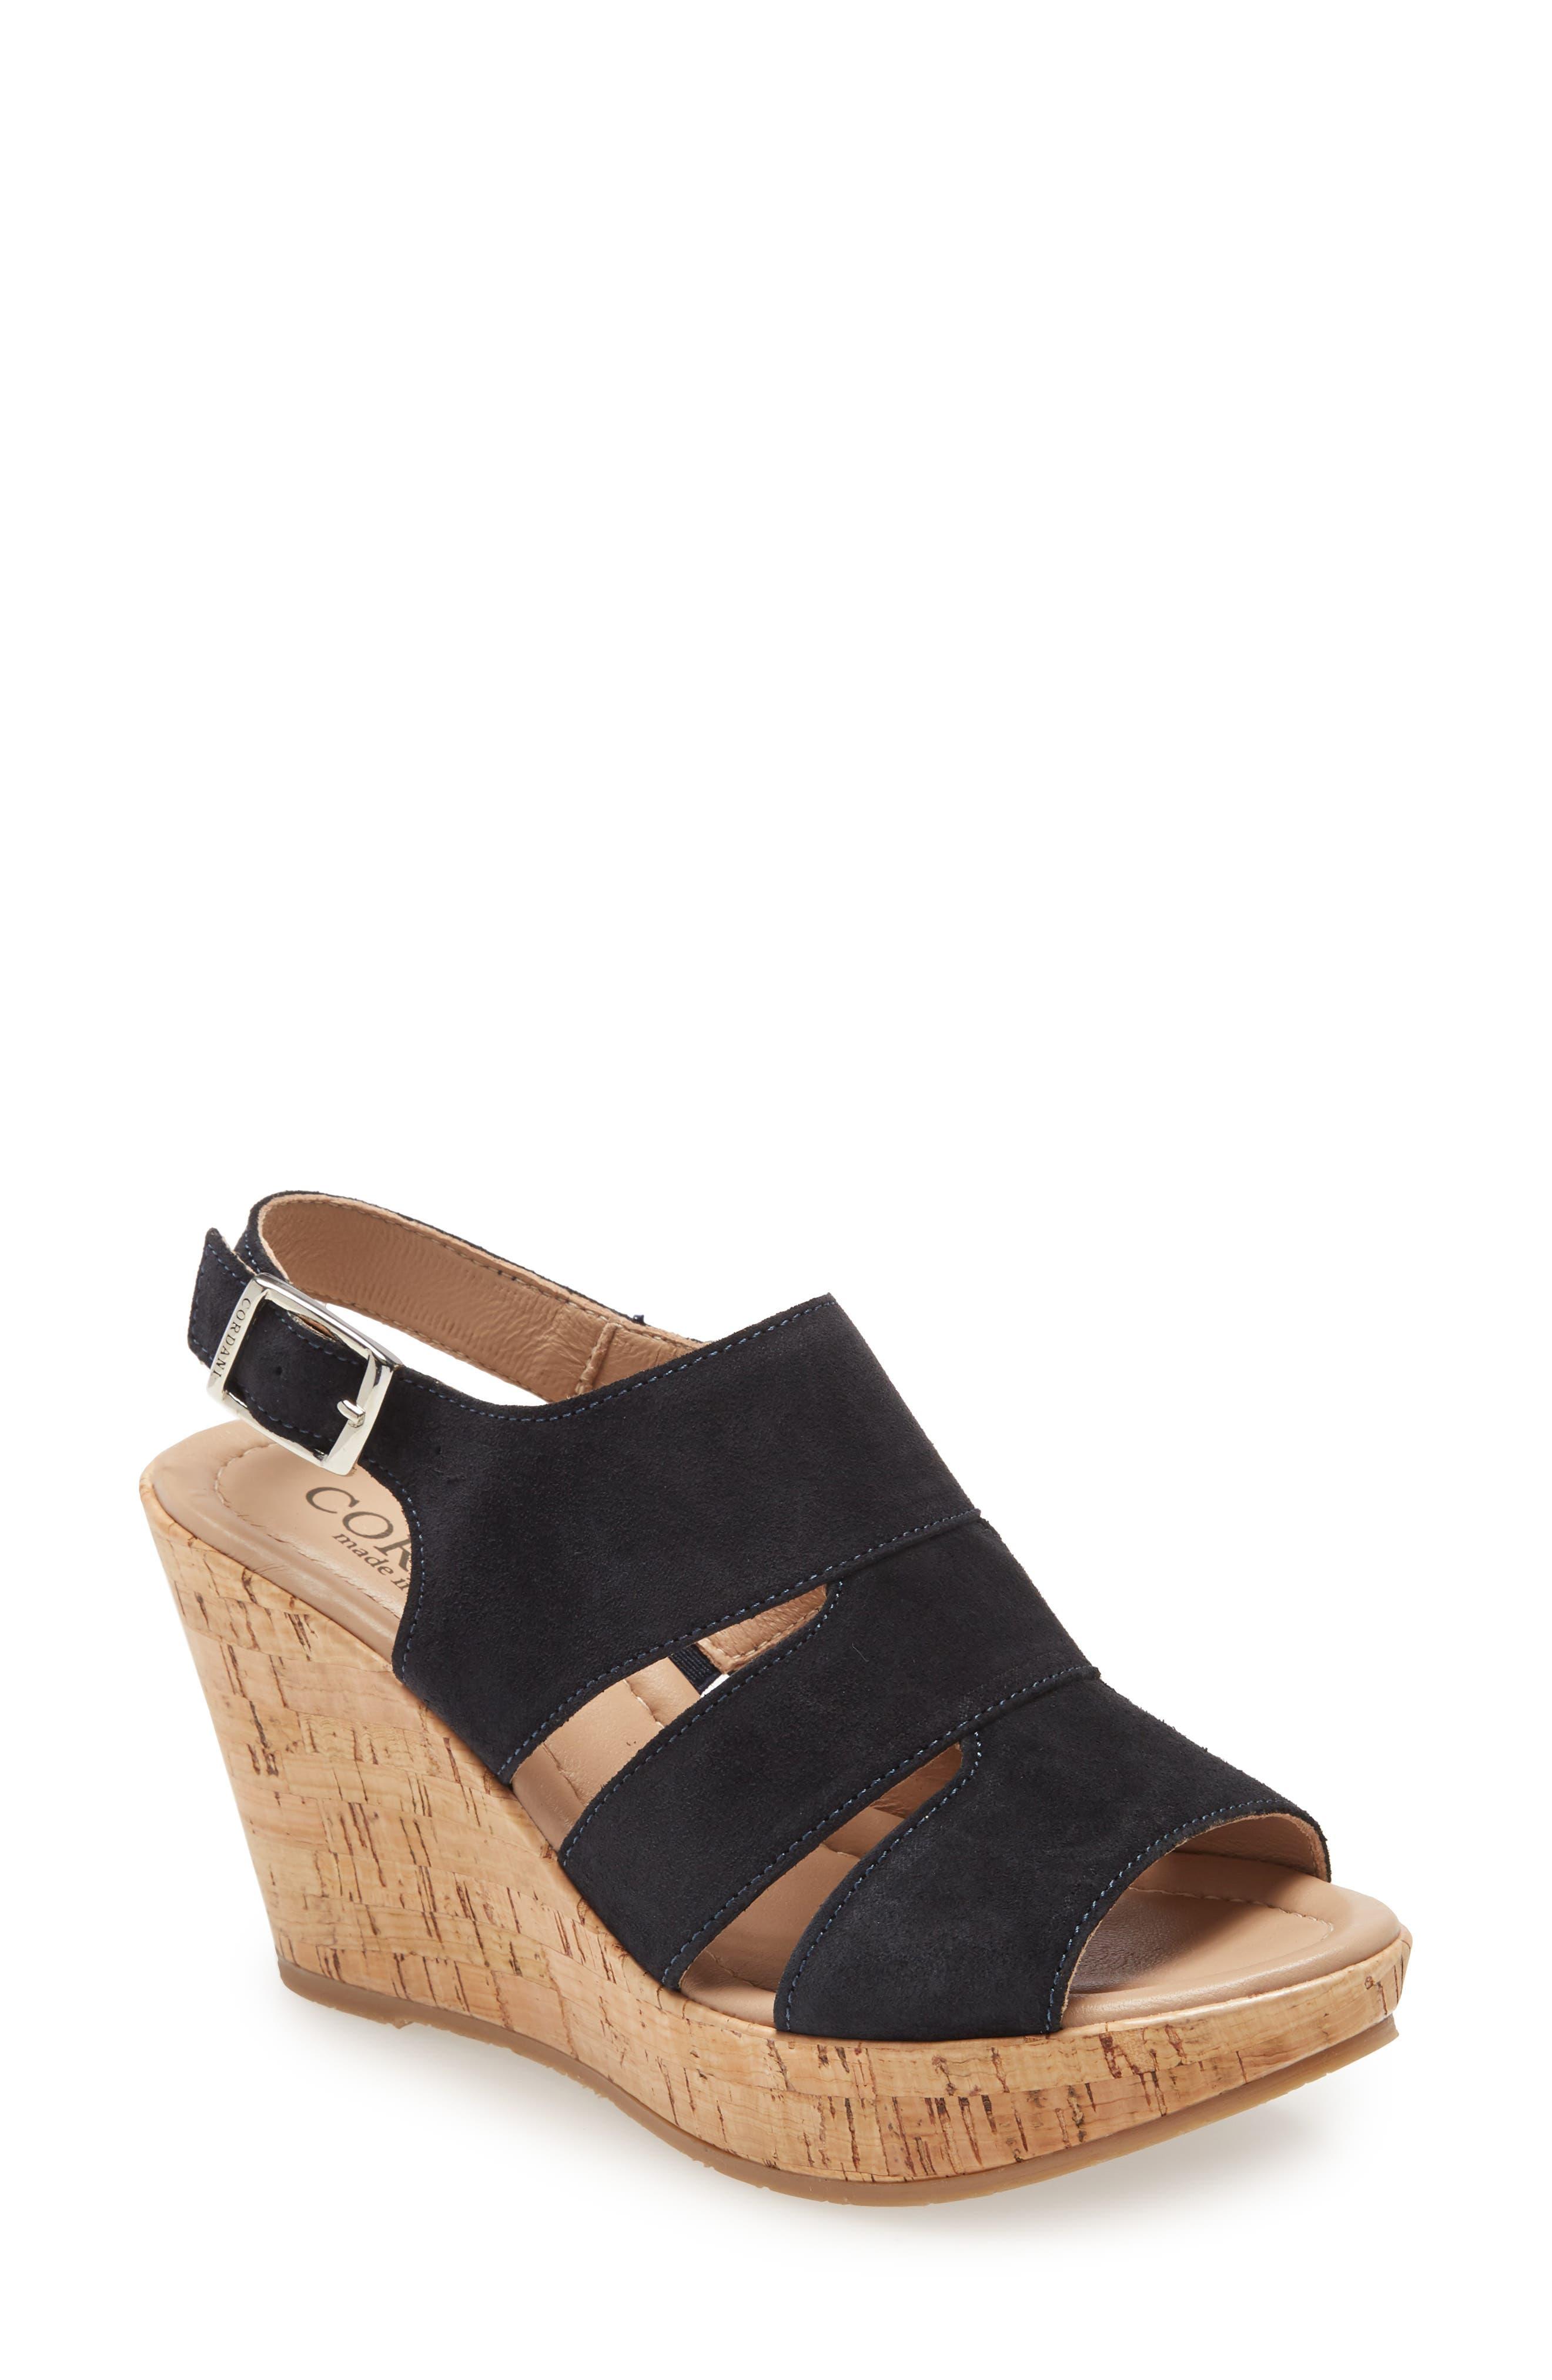 Rosie Platform Wedge Sandal